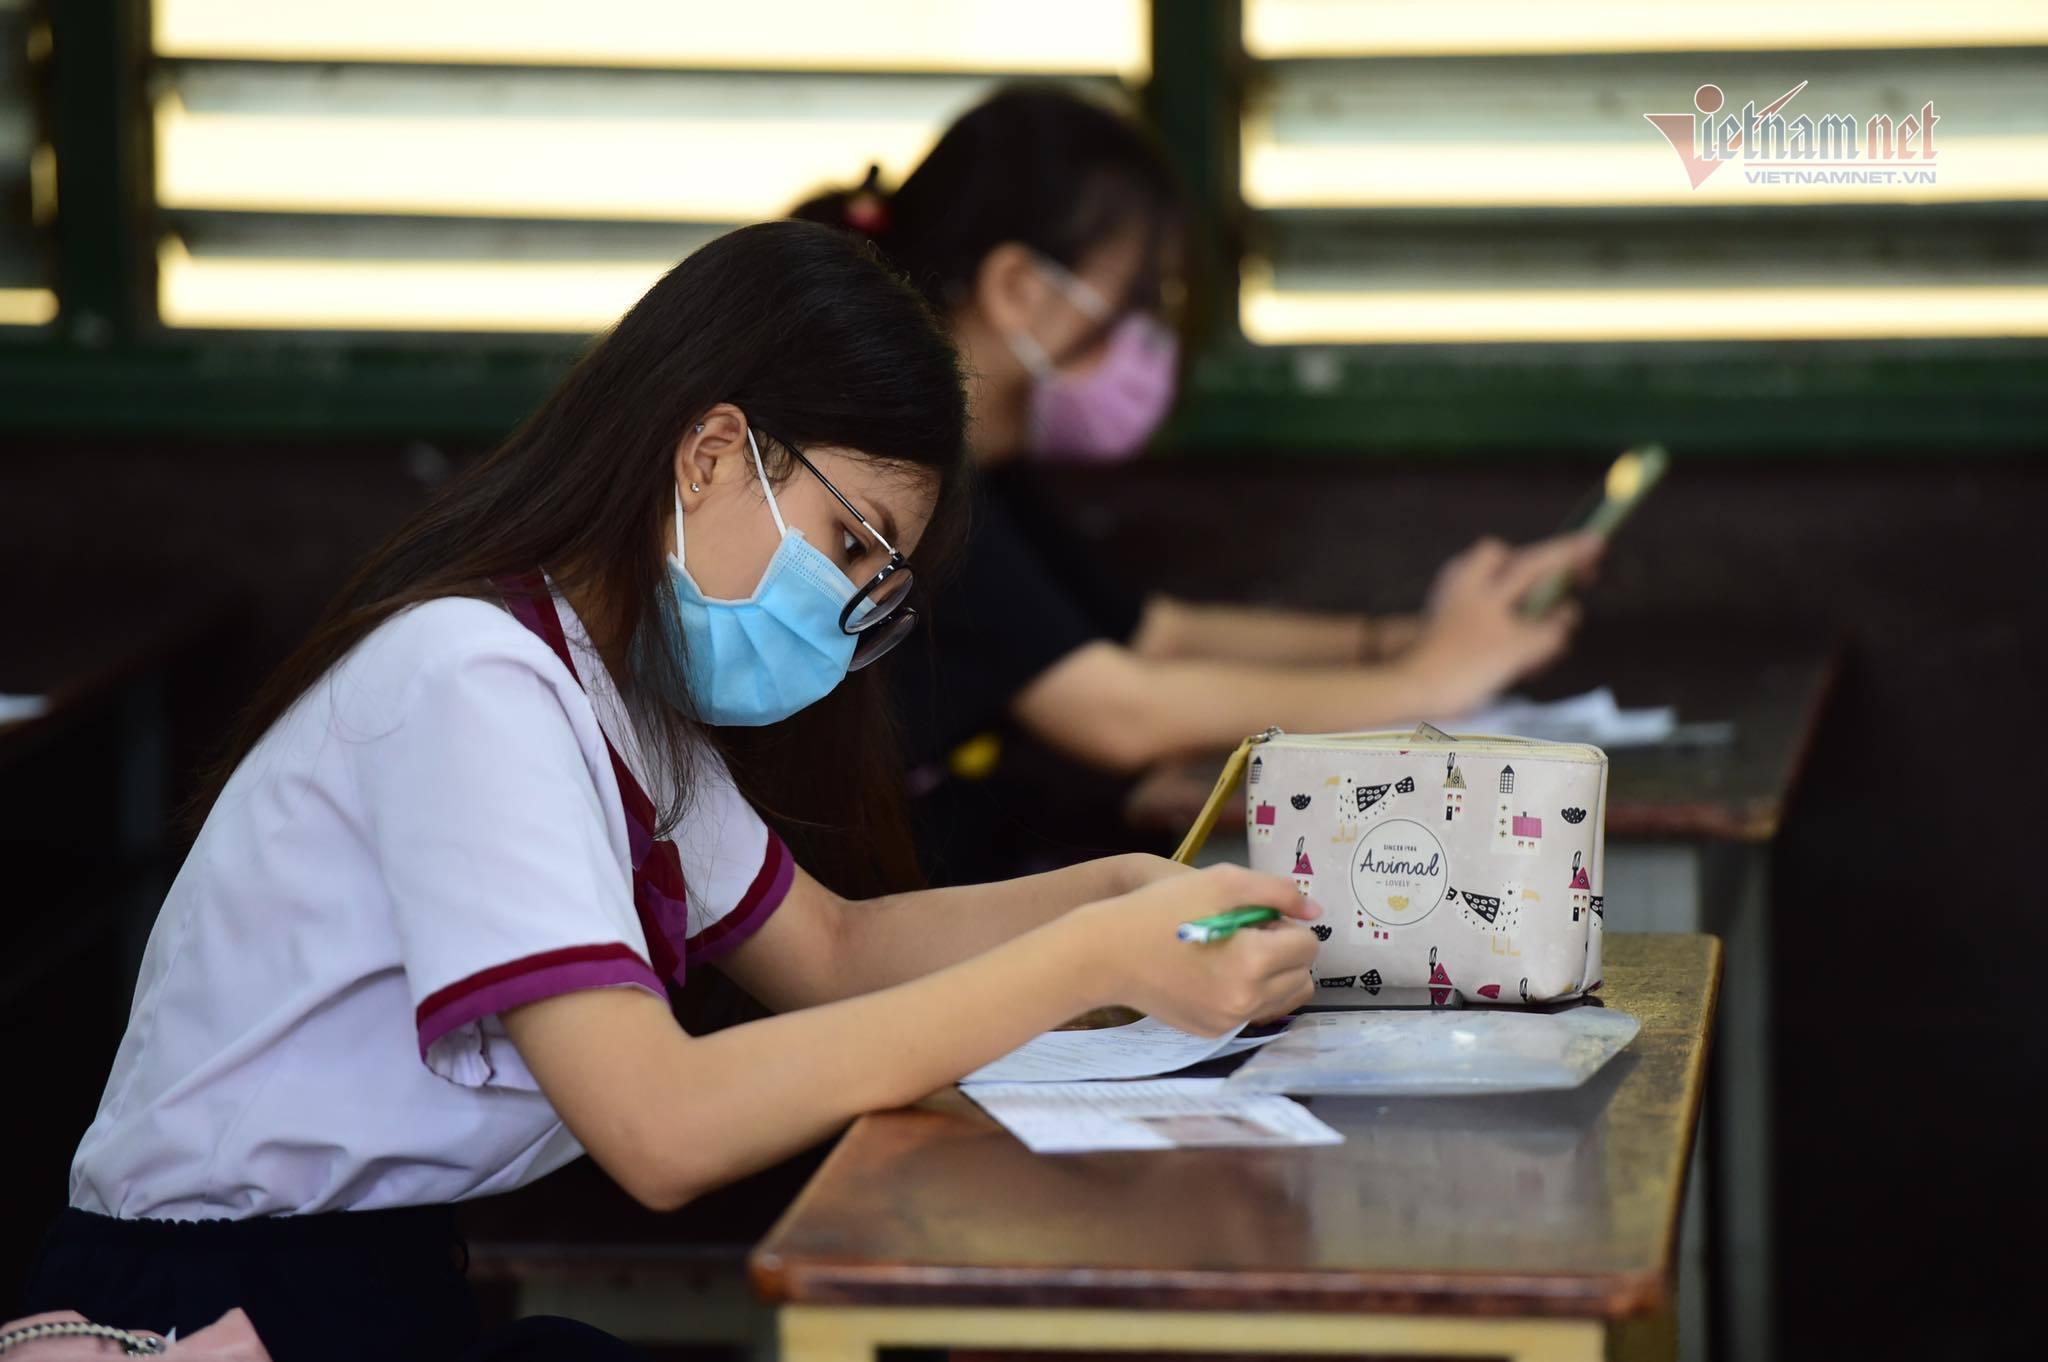 Trường nghệ thuật ở TP.HCM nhiều ưu đãi để thu hút sinh viên